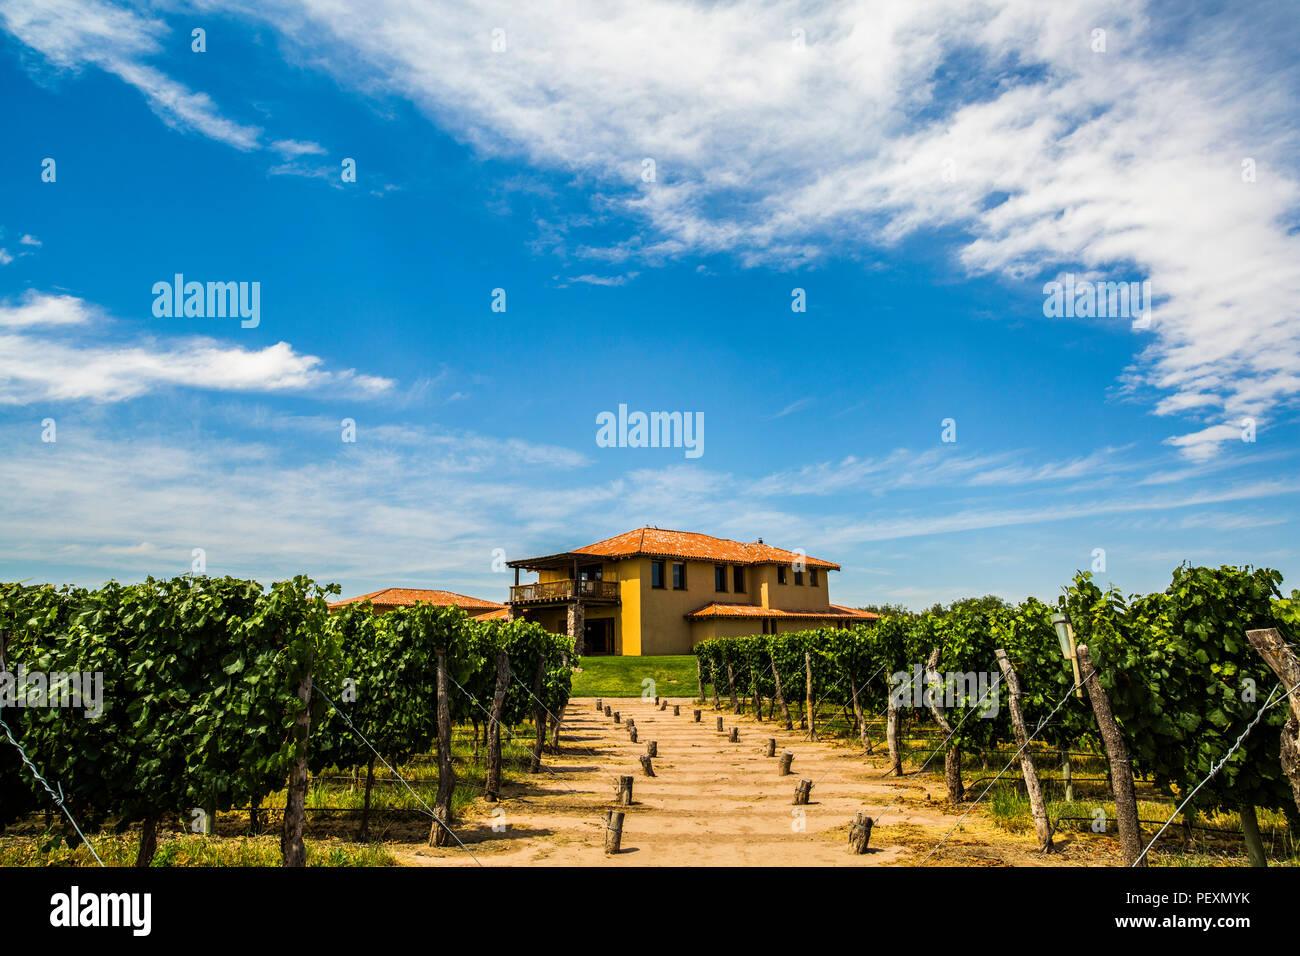 House at vineyard, Mendoza, Argentina - Stock Image